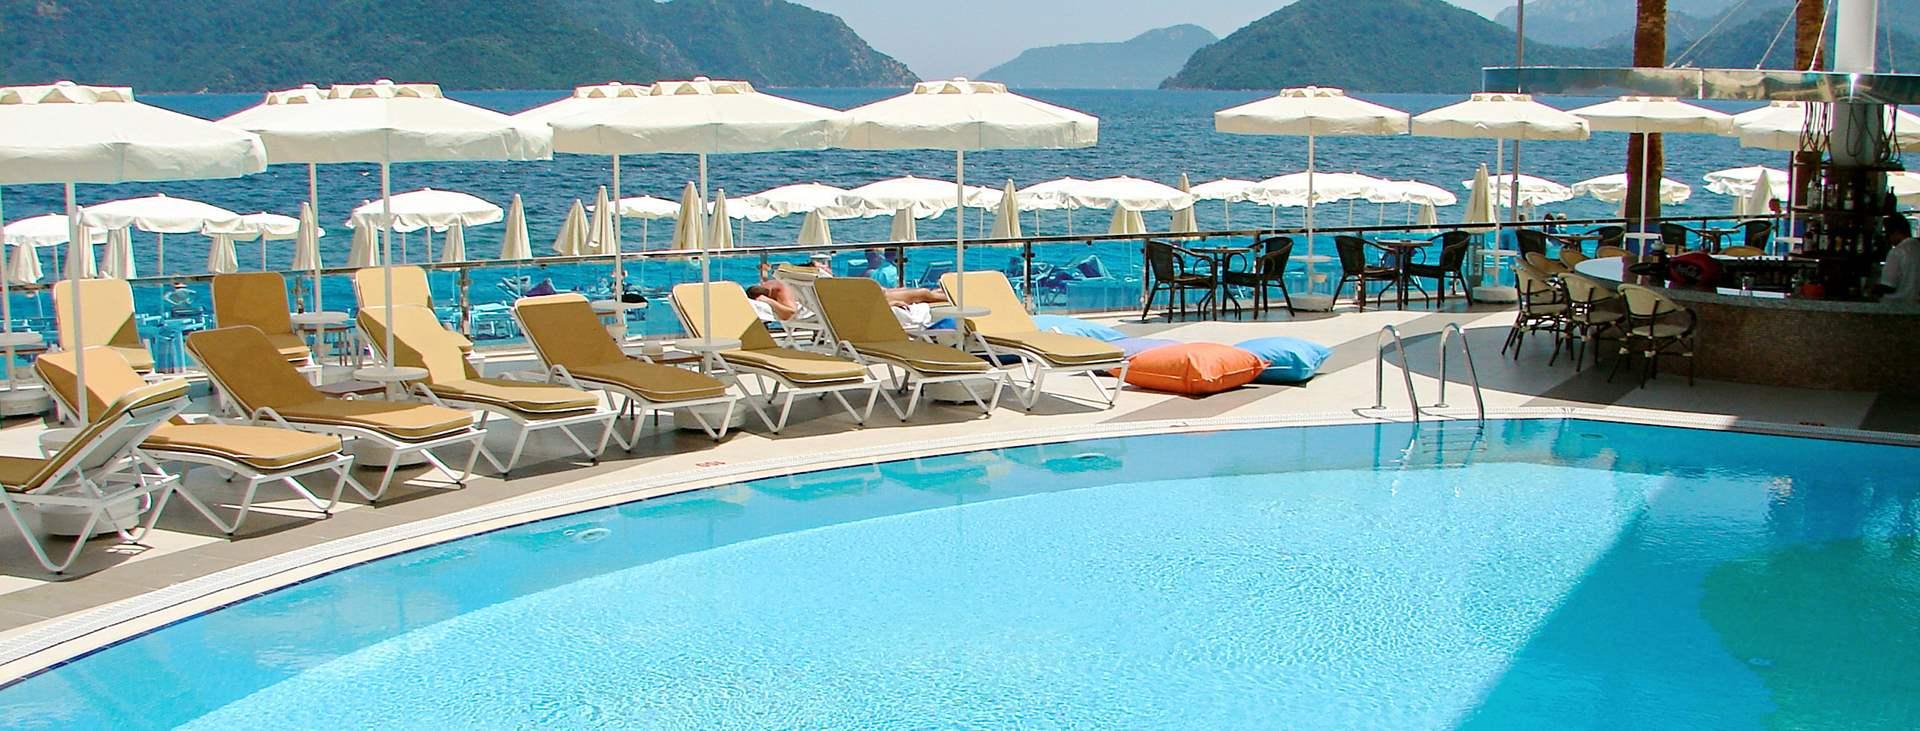 Marbella Marmaris Boka Hotell Hos Ving